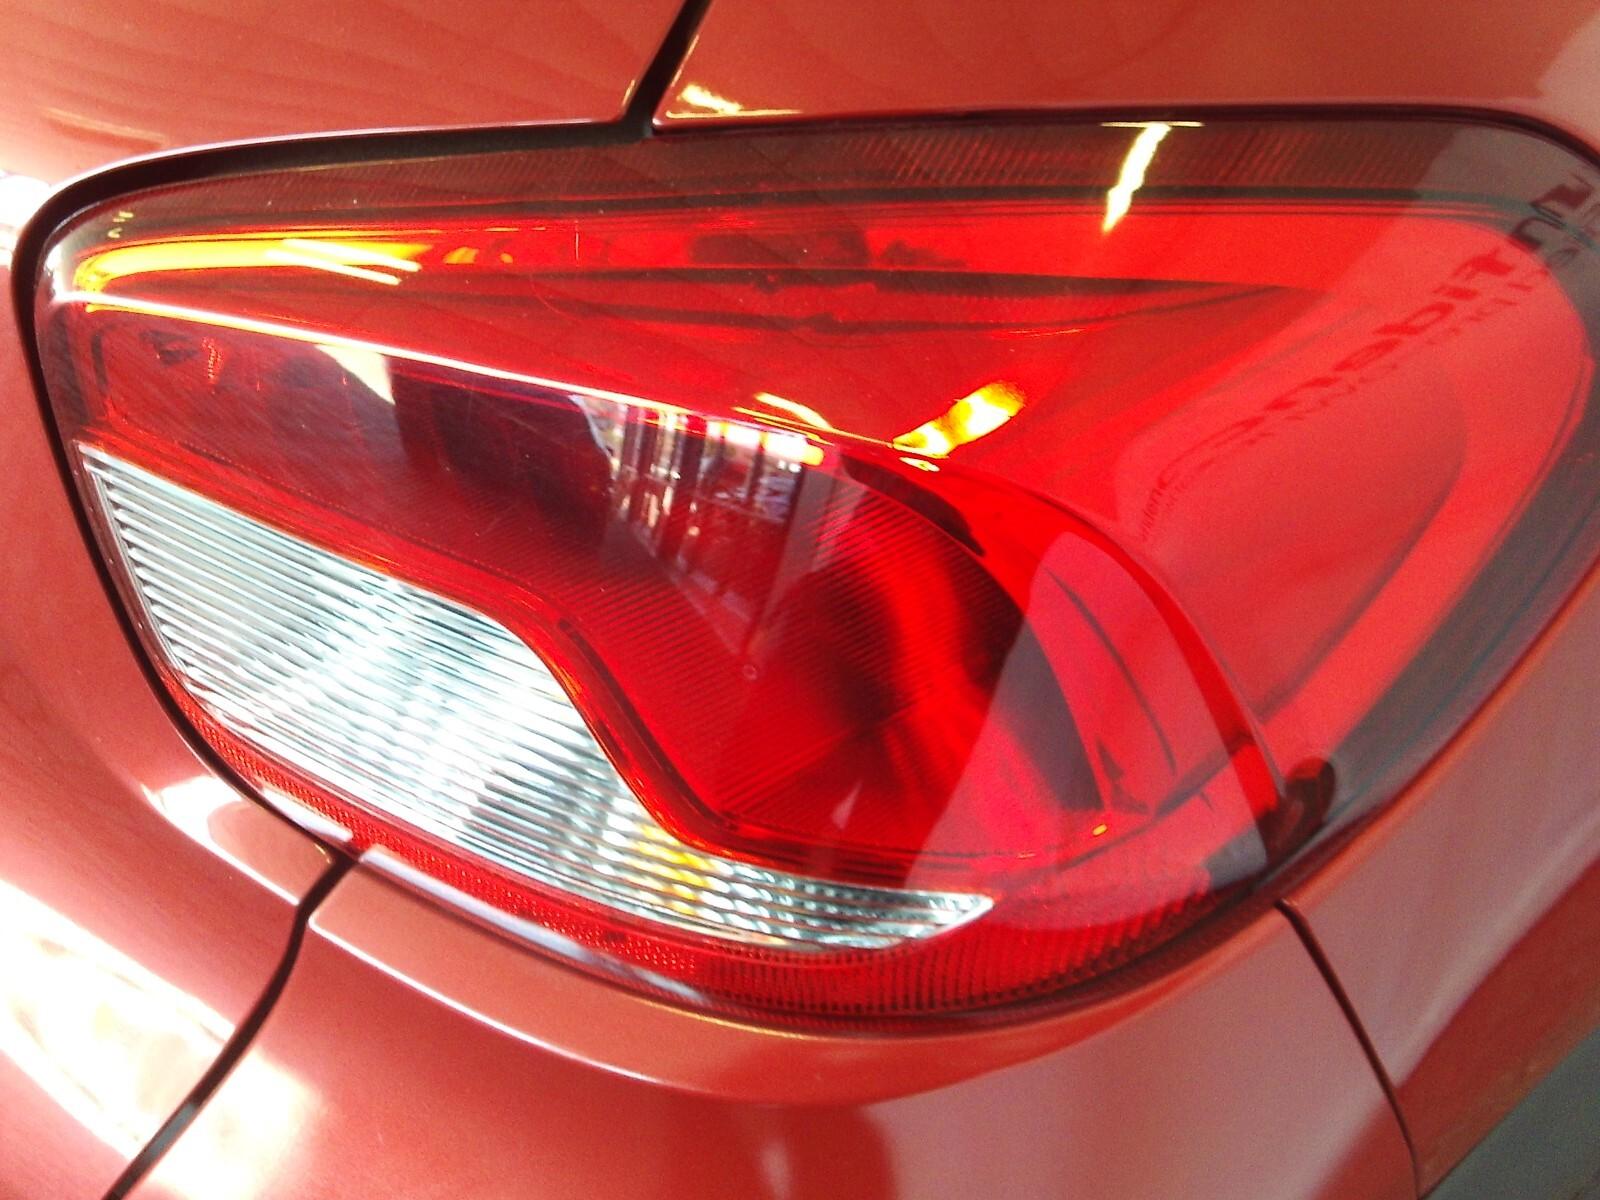 RENAULT 1.0 DYNAMIQUE 5DR Pretoria 13330012